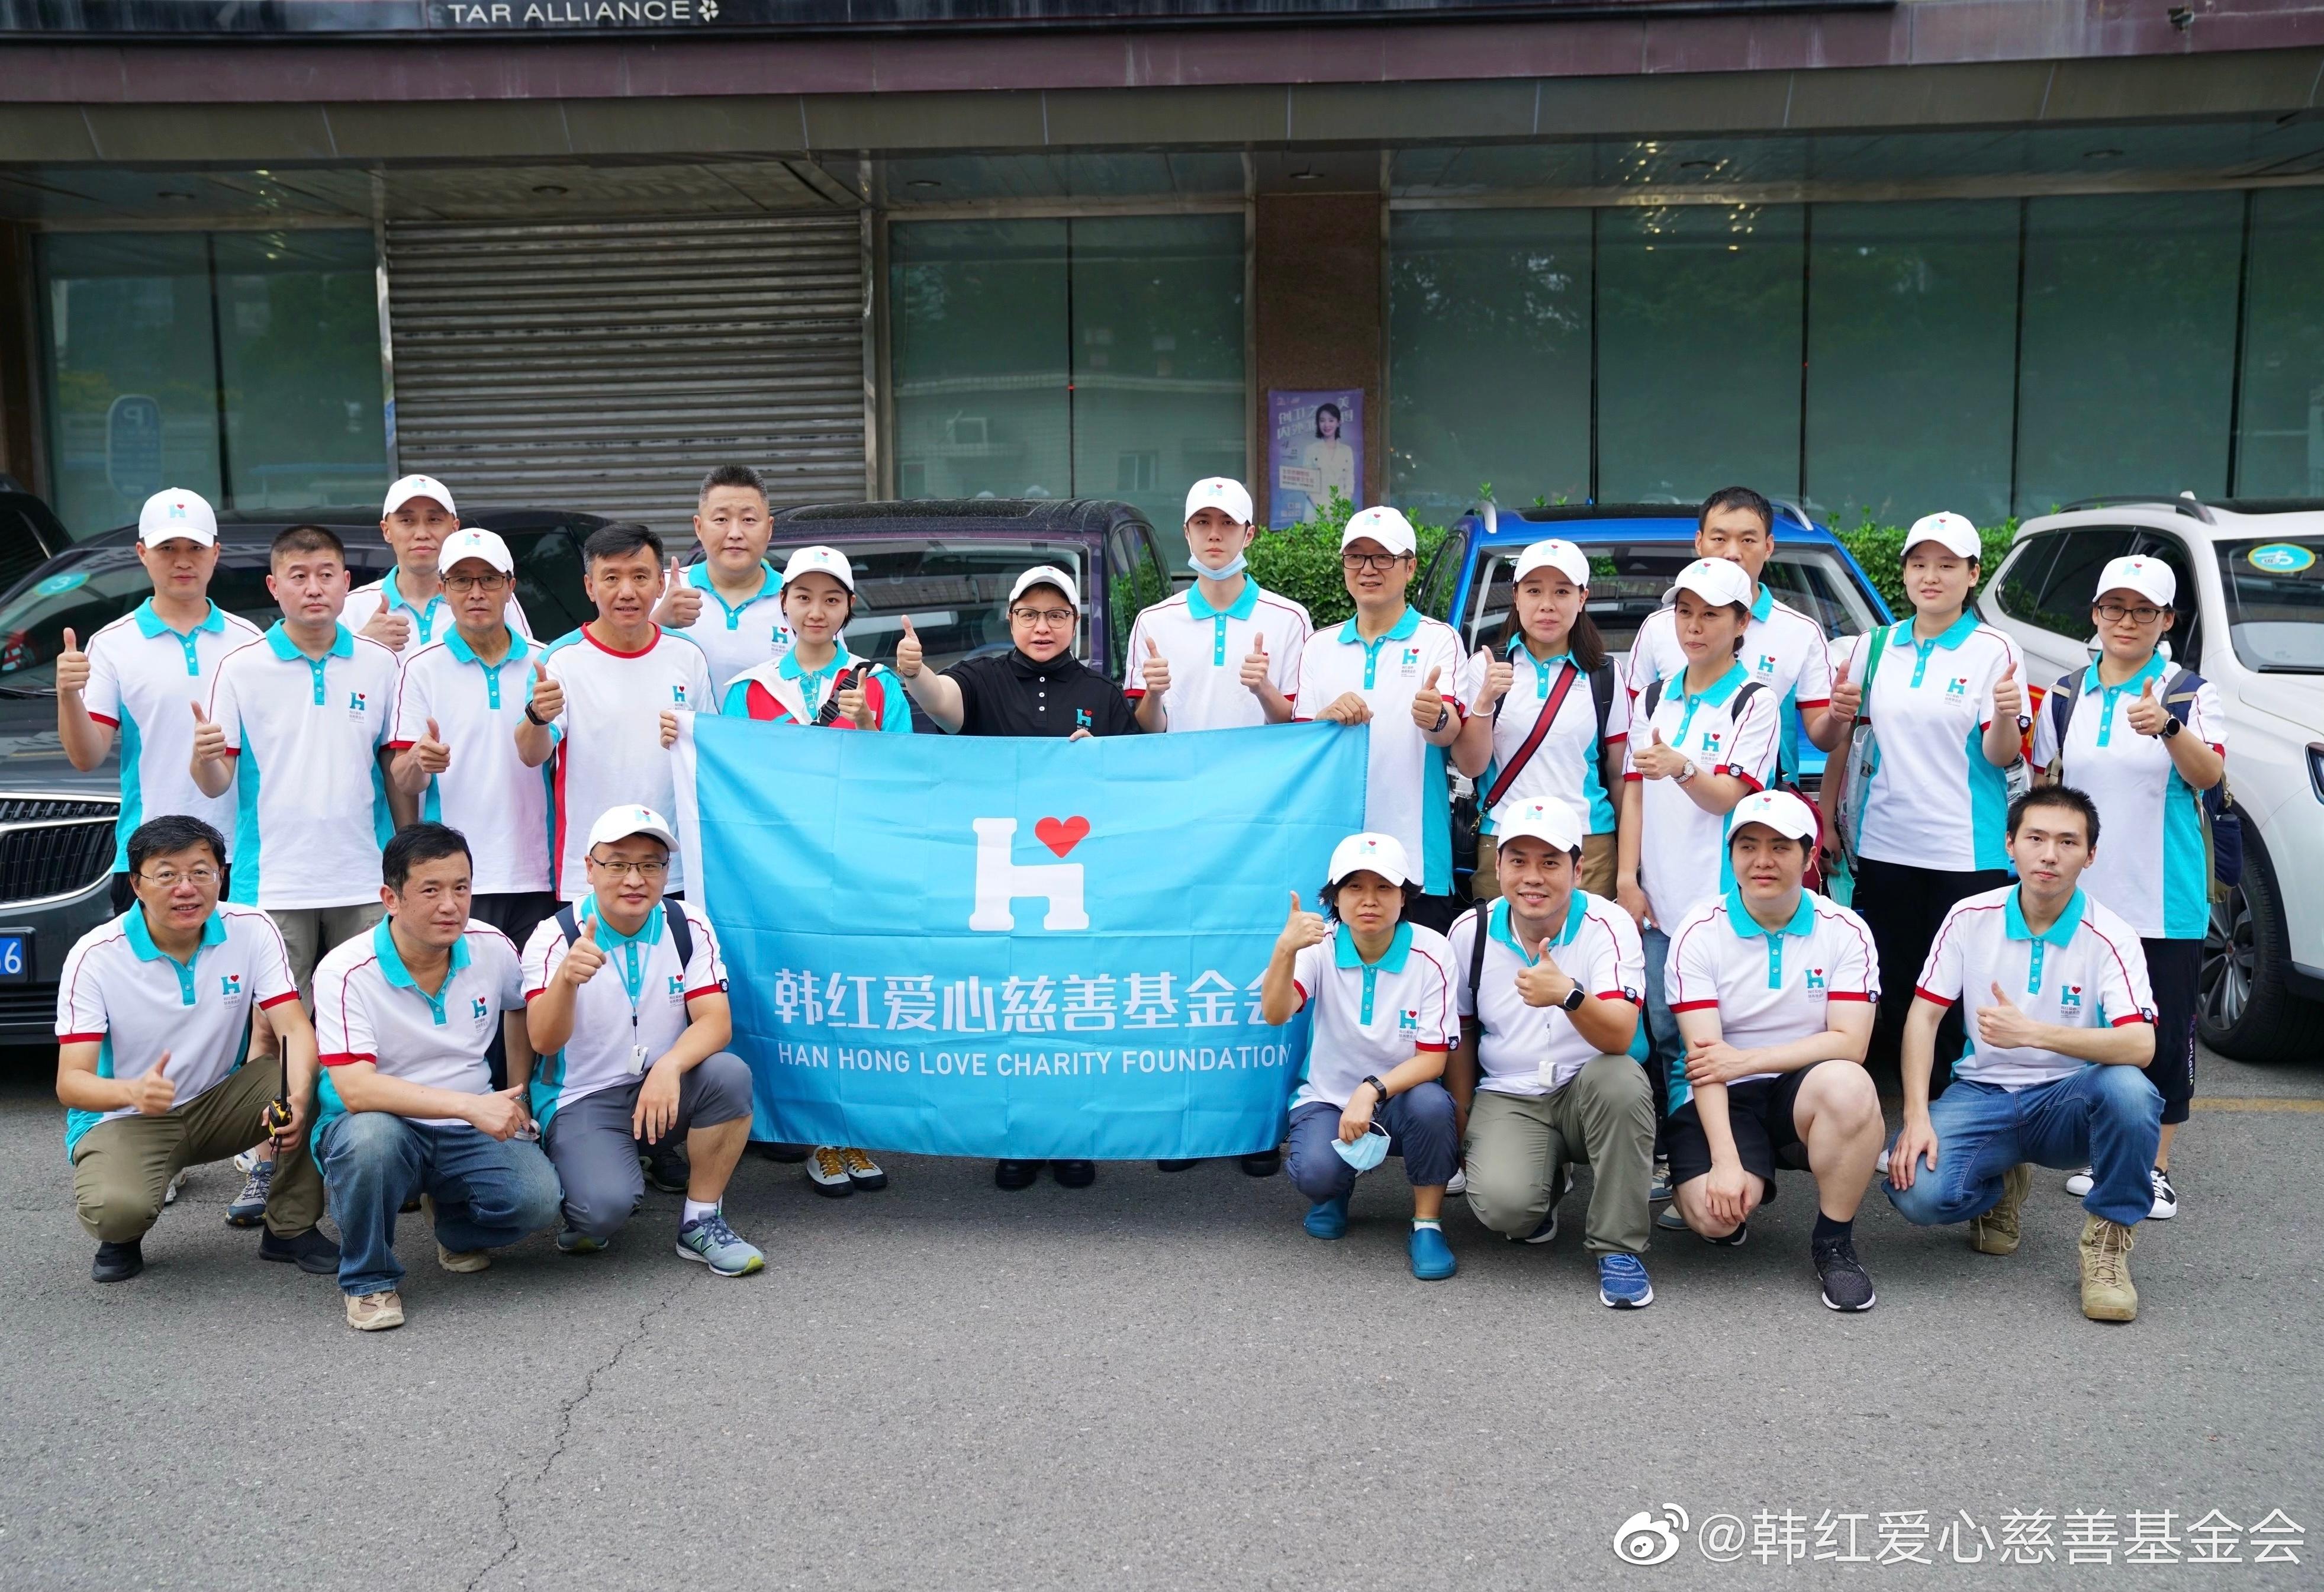 王一博随韩红爱心团队一同前往郑州。